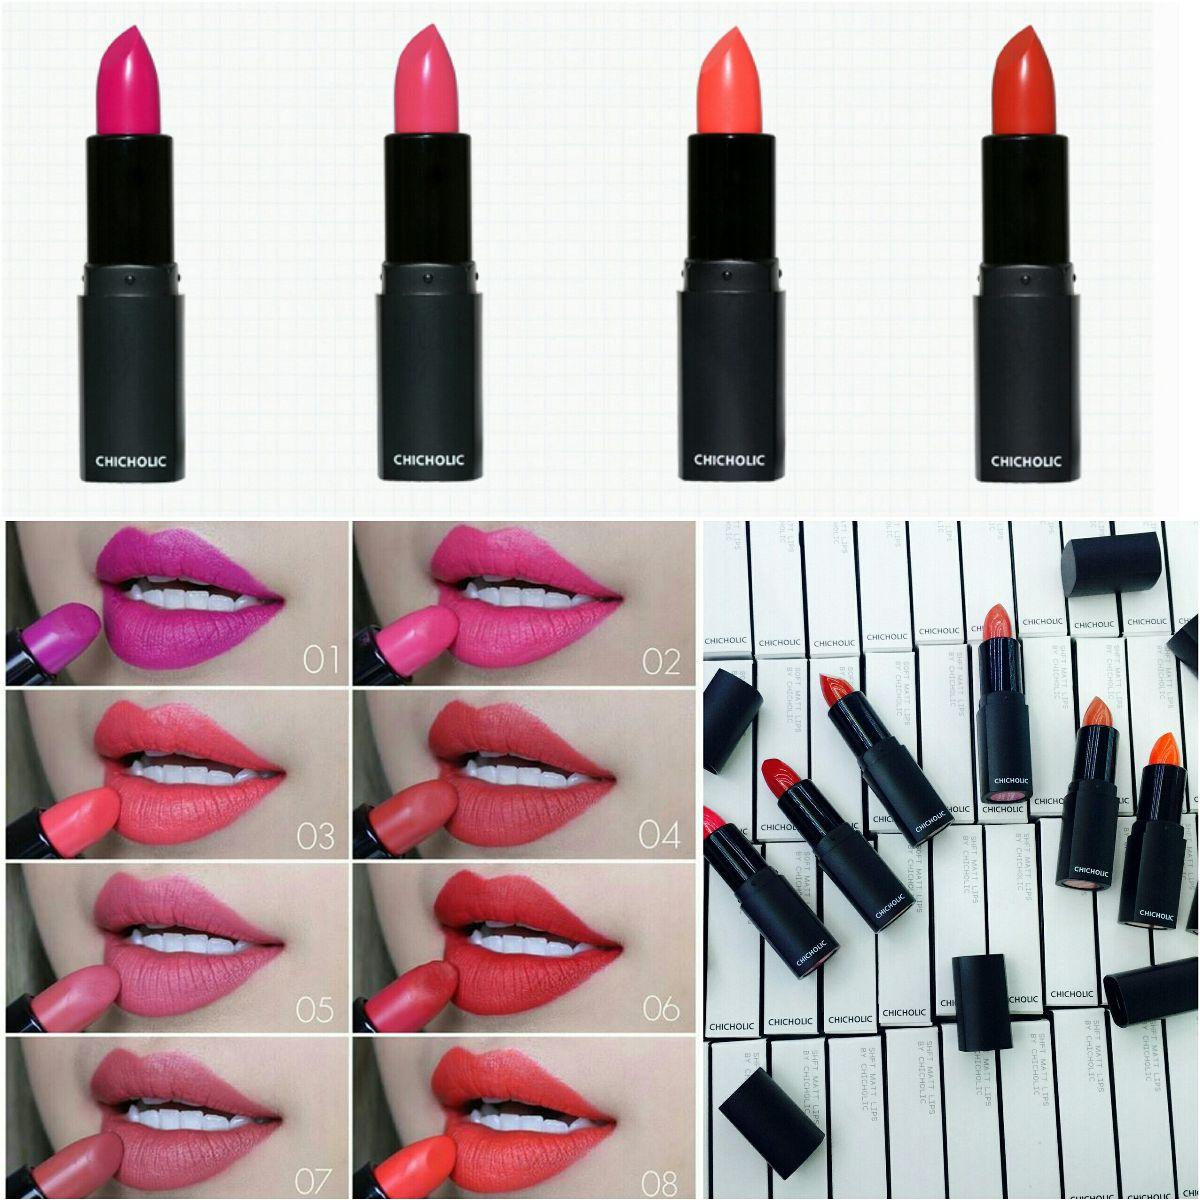 Chicholic Soft Matte Lipstick